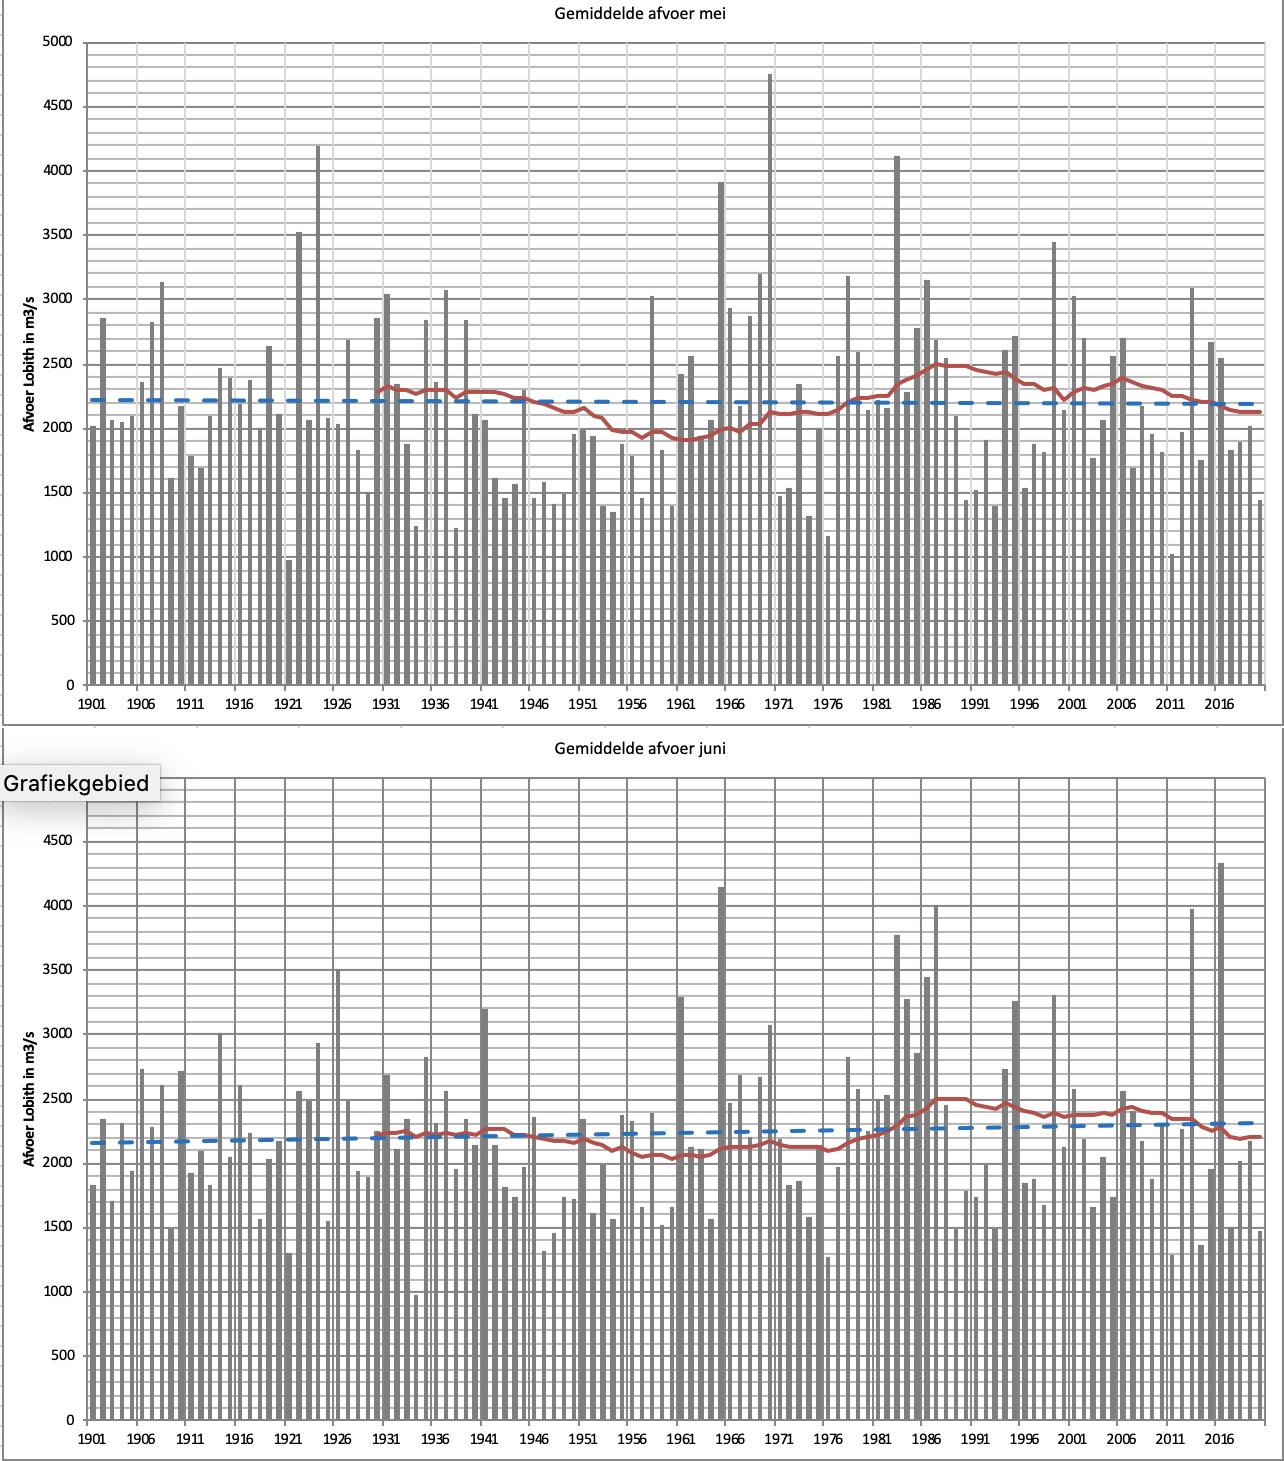 De gemiddelde Rijnafvoer van mei (boven) en juni (onder) van alle jaren sinds 1901. Ook is het 30-jarig gemiddelde (rode lijn) weergegeven en de trendlijn over de hele meetperiode (blauwe streepjeslijn).